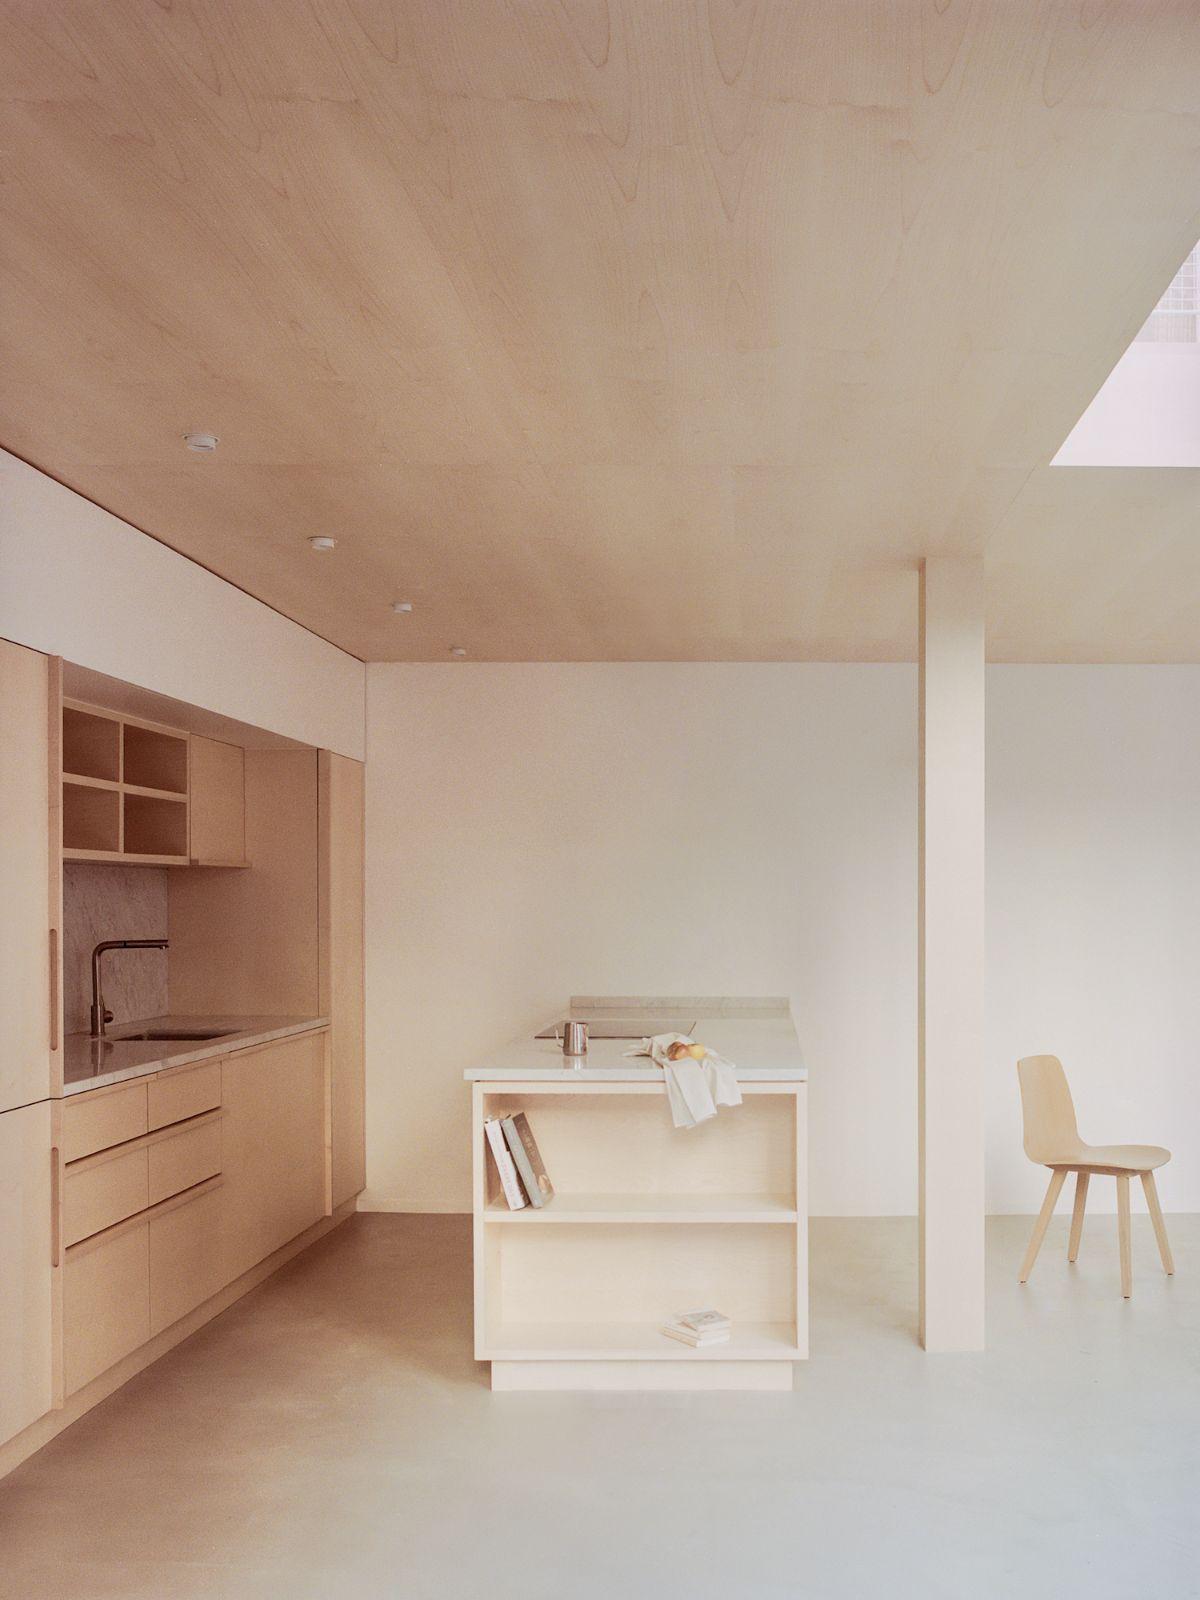 Jean Moulin Atelier – House by Atelier NEA